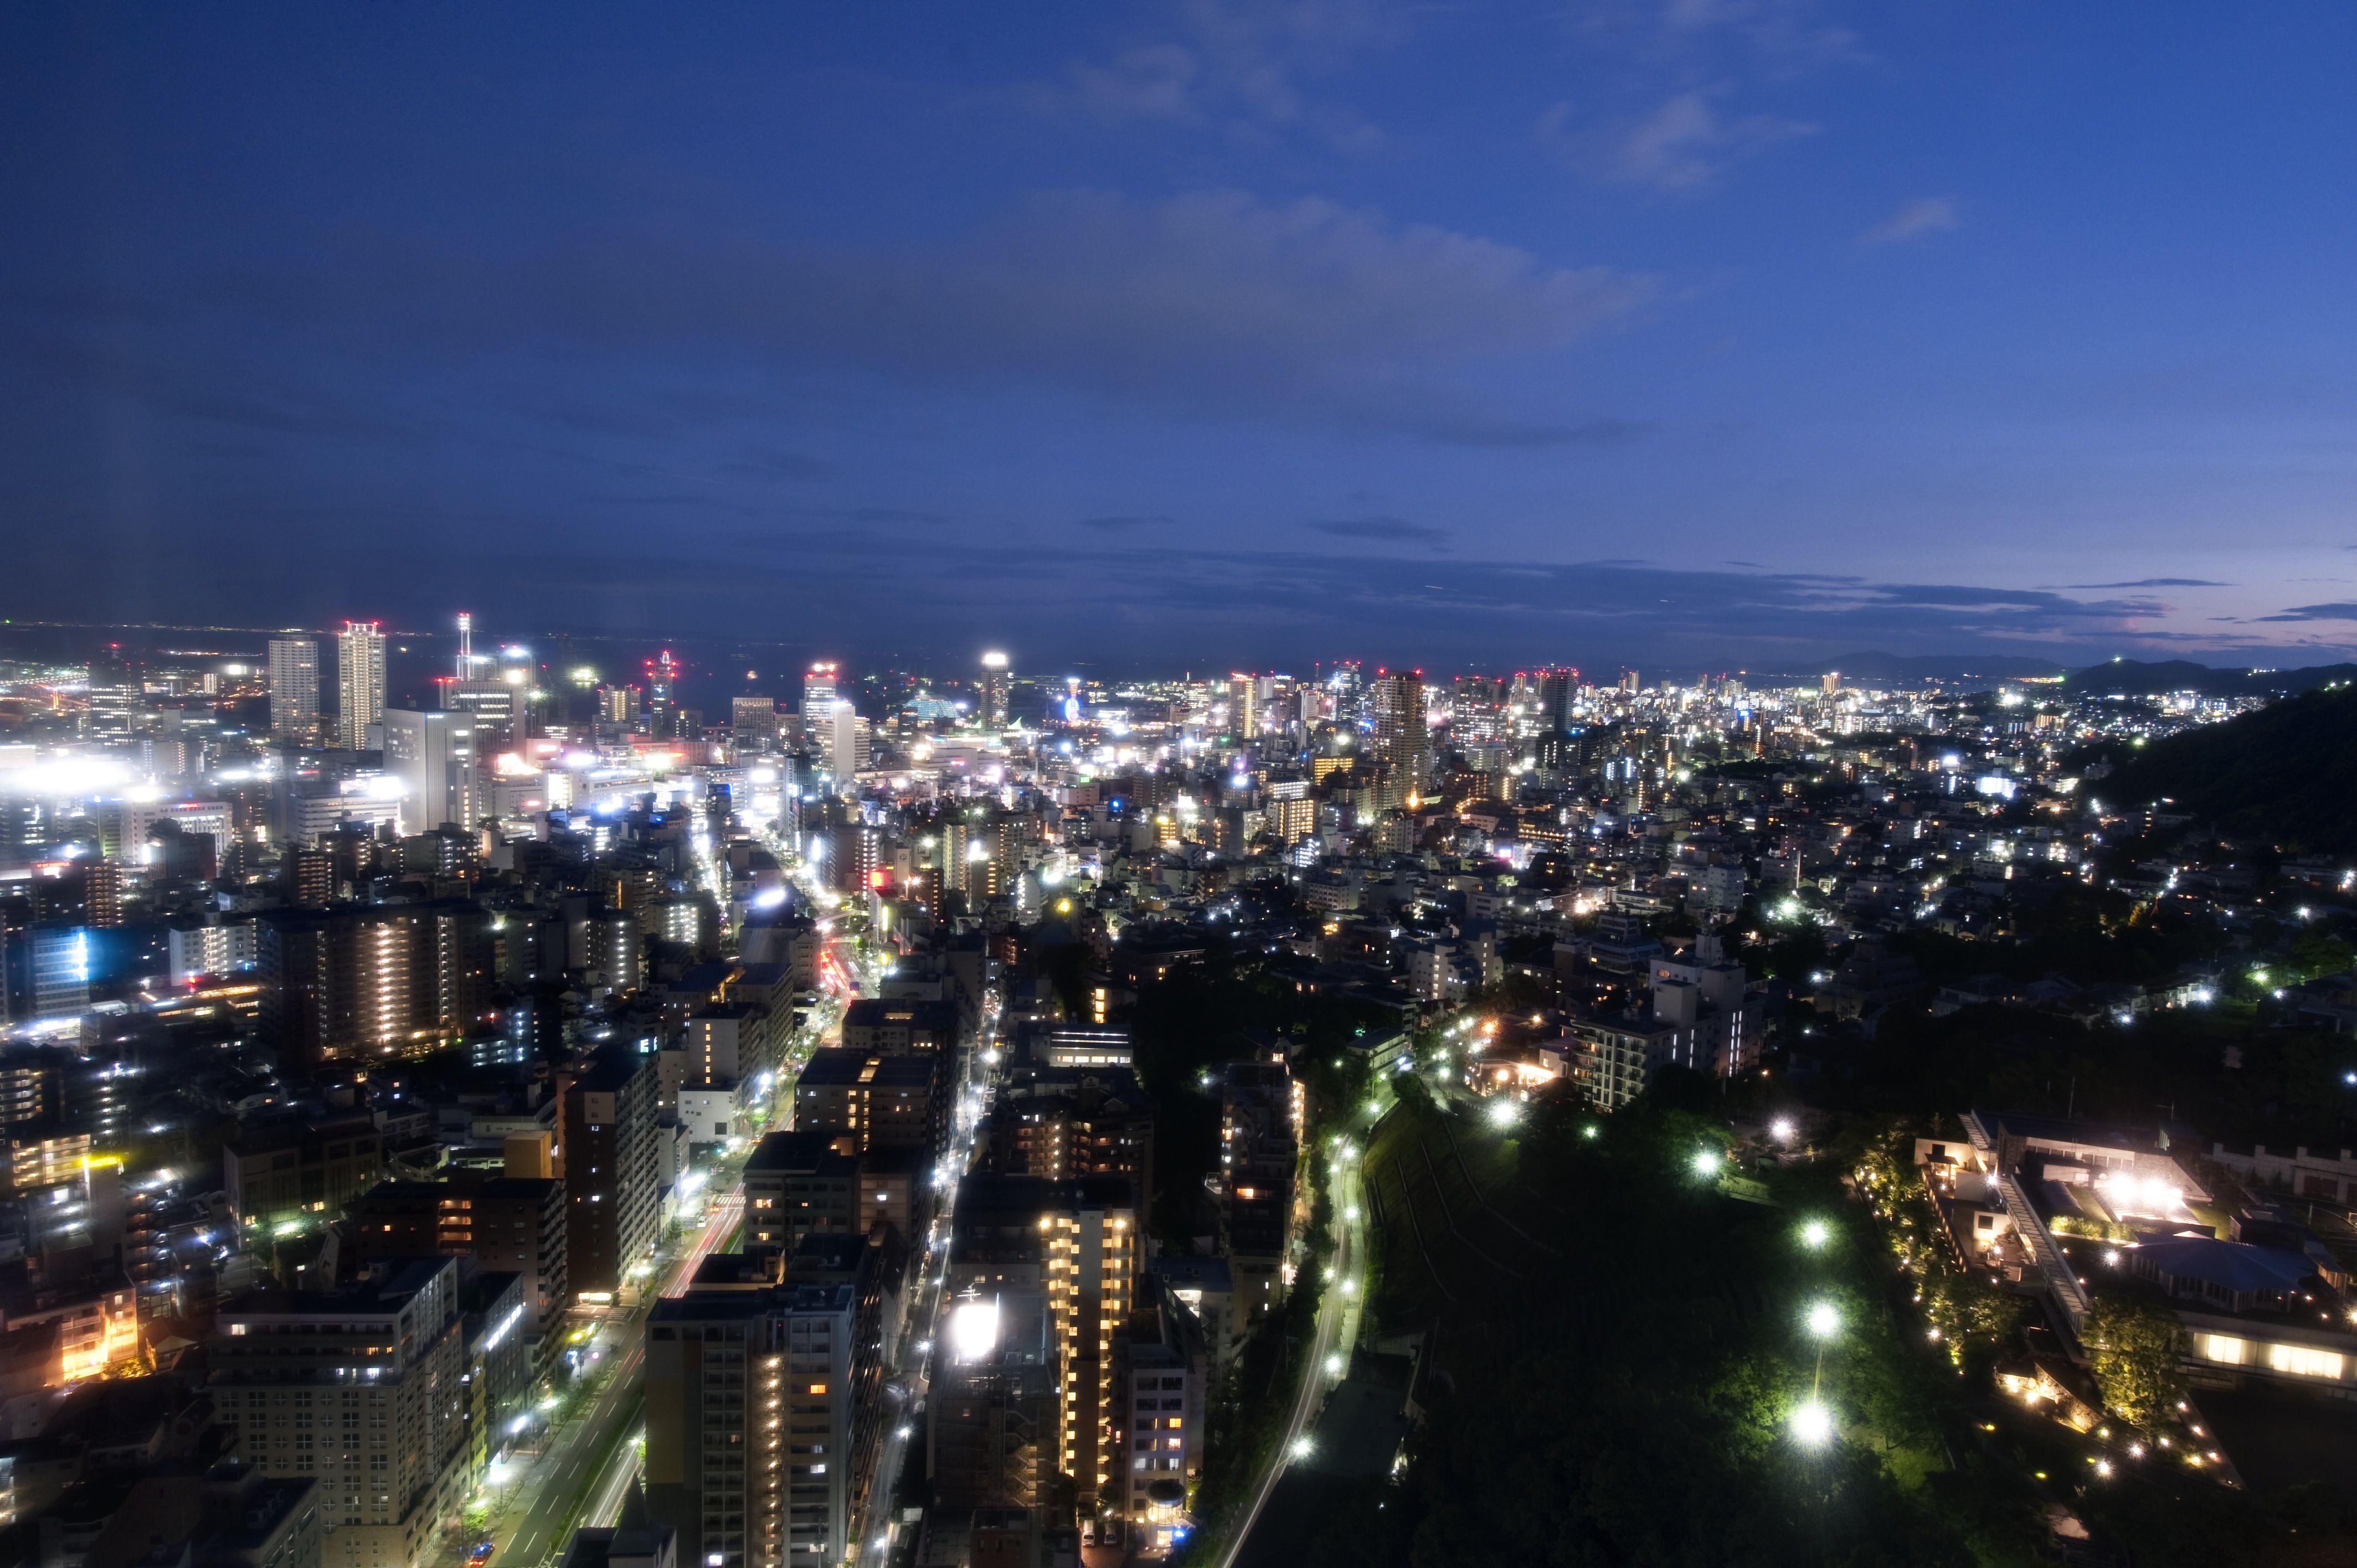 【兵庫県 新神戸】ANAクラウンプラザホテル神戸   -上質な神戸の旅を予感させるスマートなブランドホテル